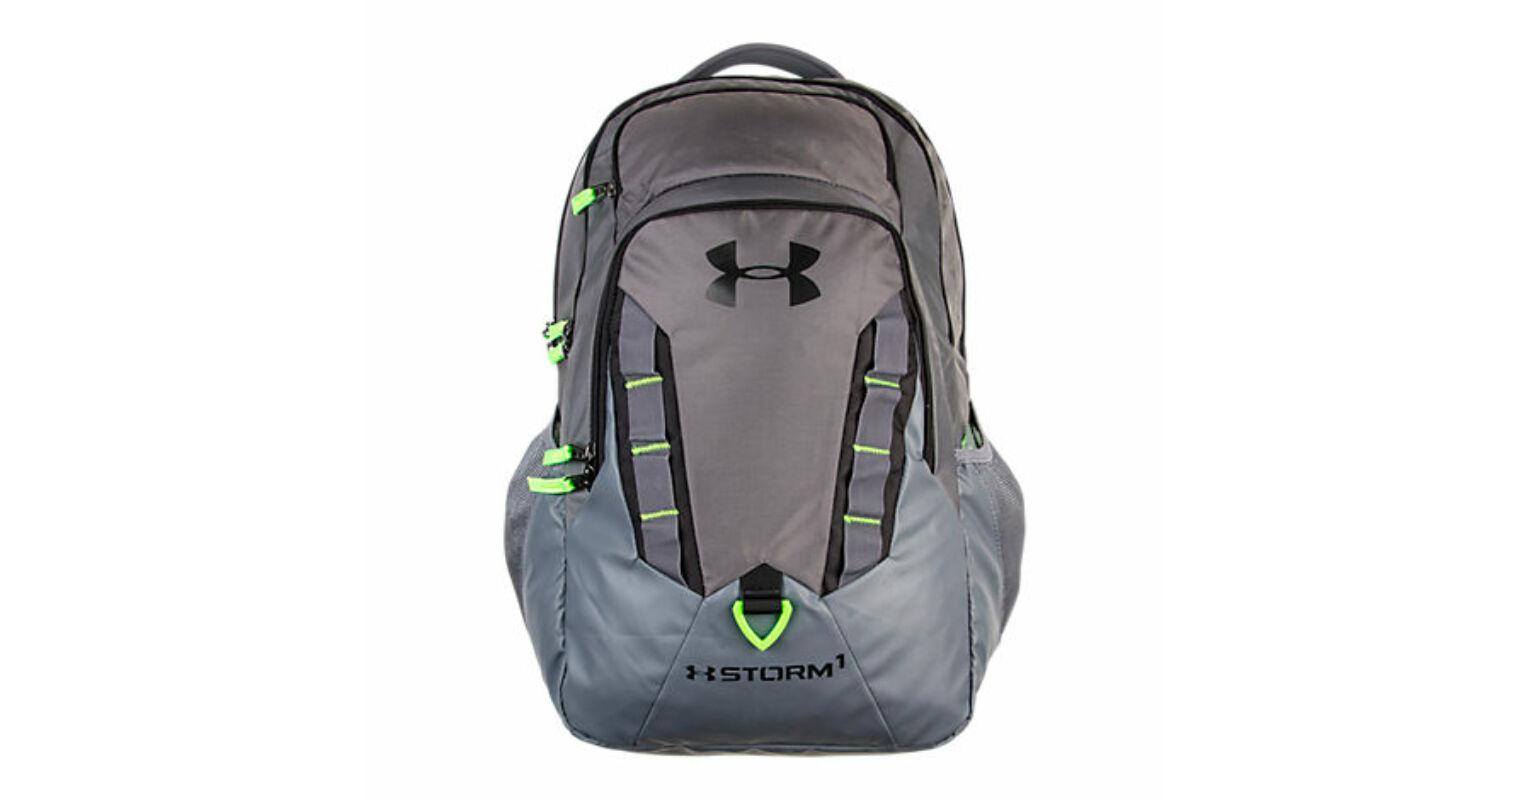 eebe47005541 Under Armour Szürke Ua Recruit Backpack Hátizsák 1261825-040 - Túra és  szabadidős hátizsákok - Táska webáruház - Minőségi táskák mindenkinek